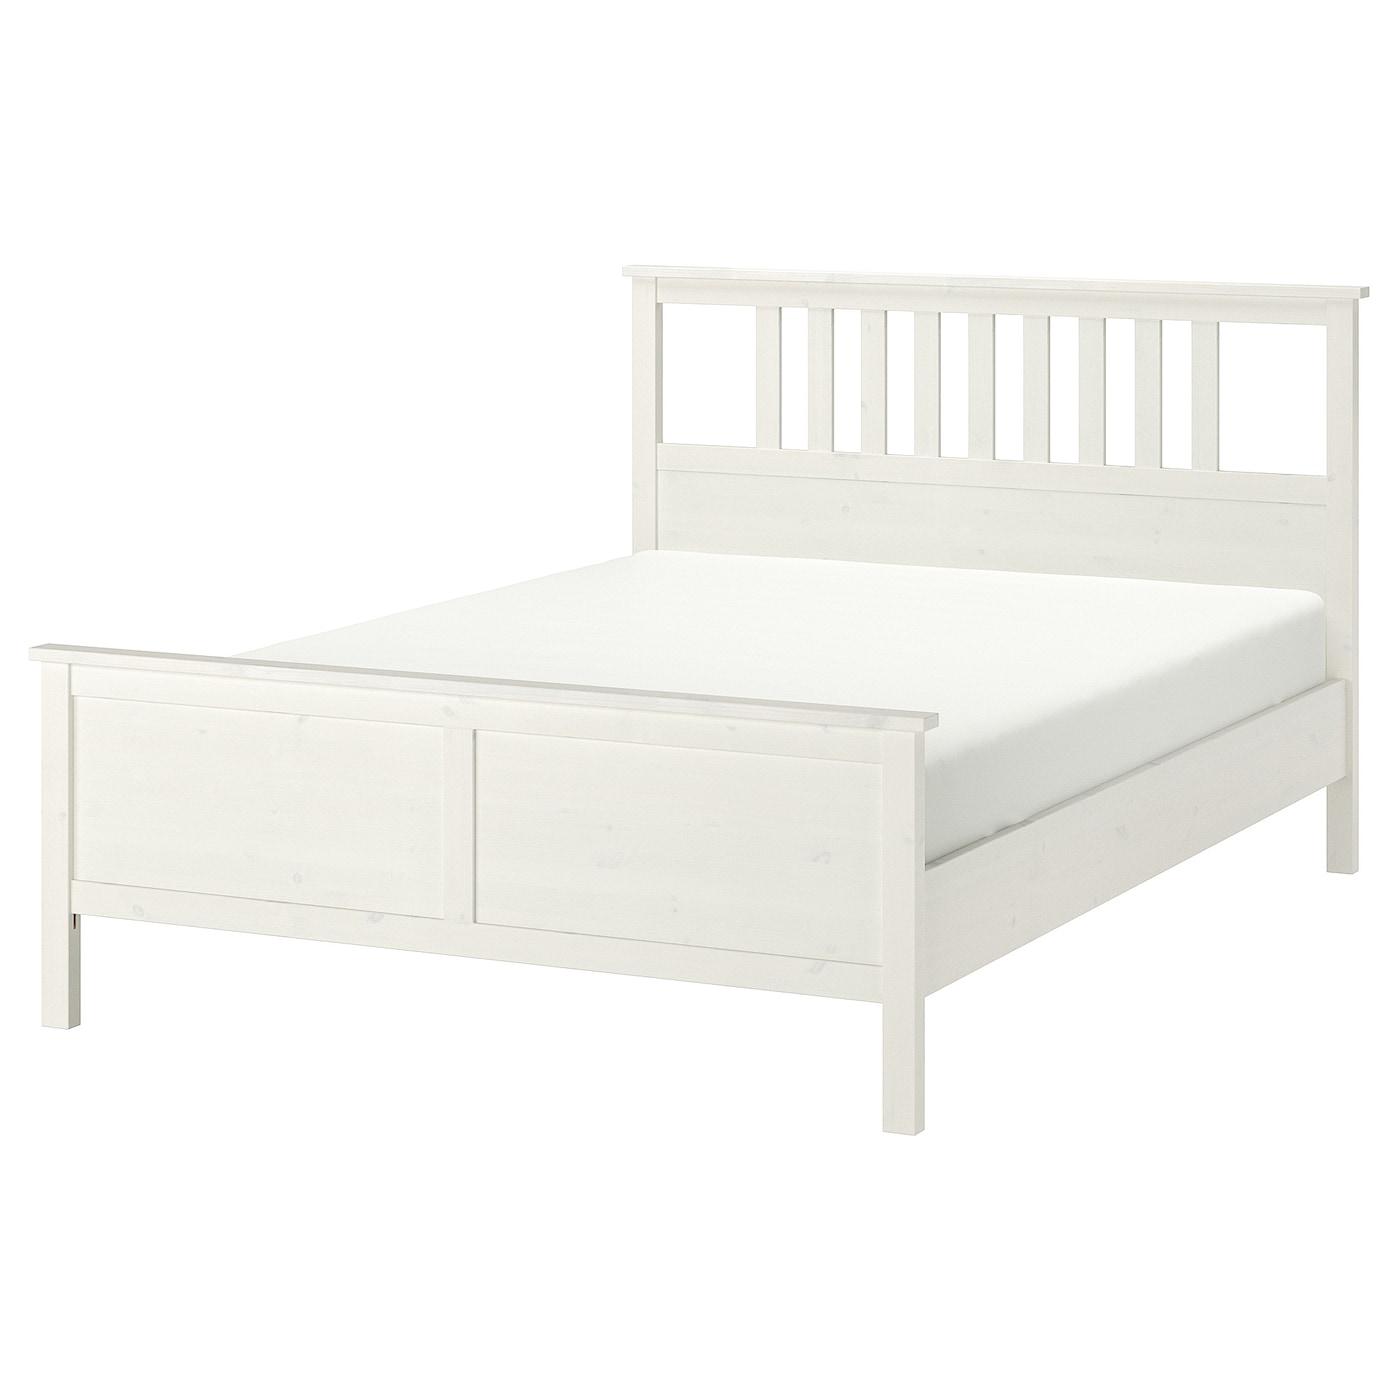 Hemnes White Stain Luroy Bed Frame Standard King Ikea